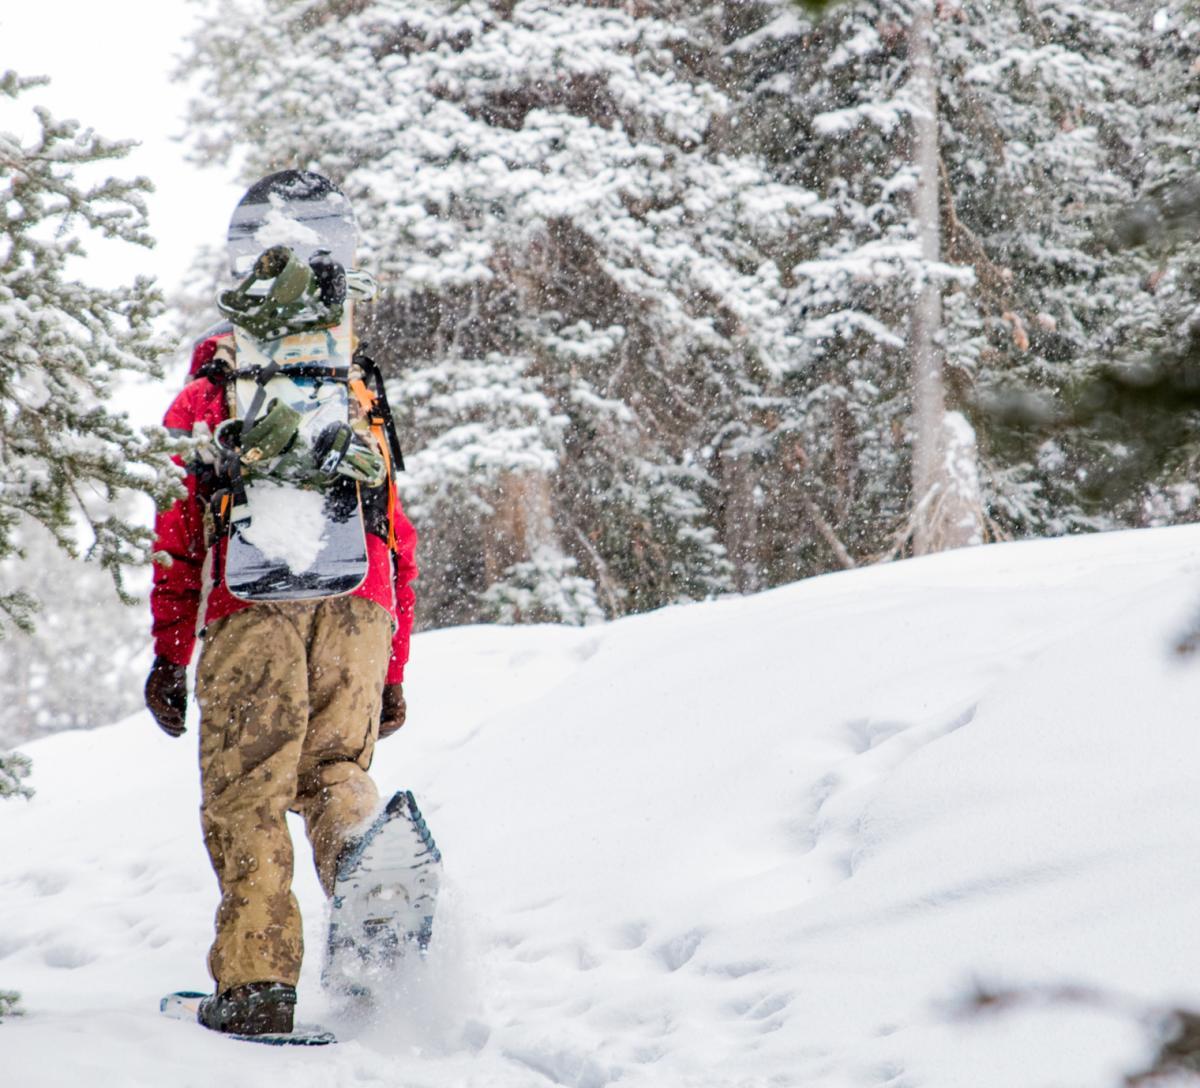 Snowshoeing - @Brickmann